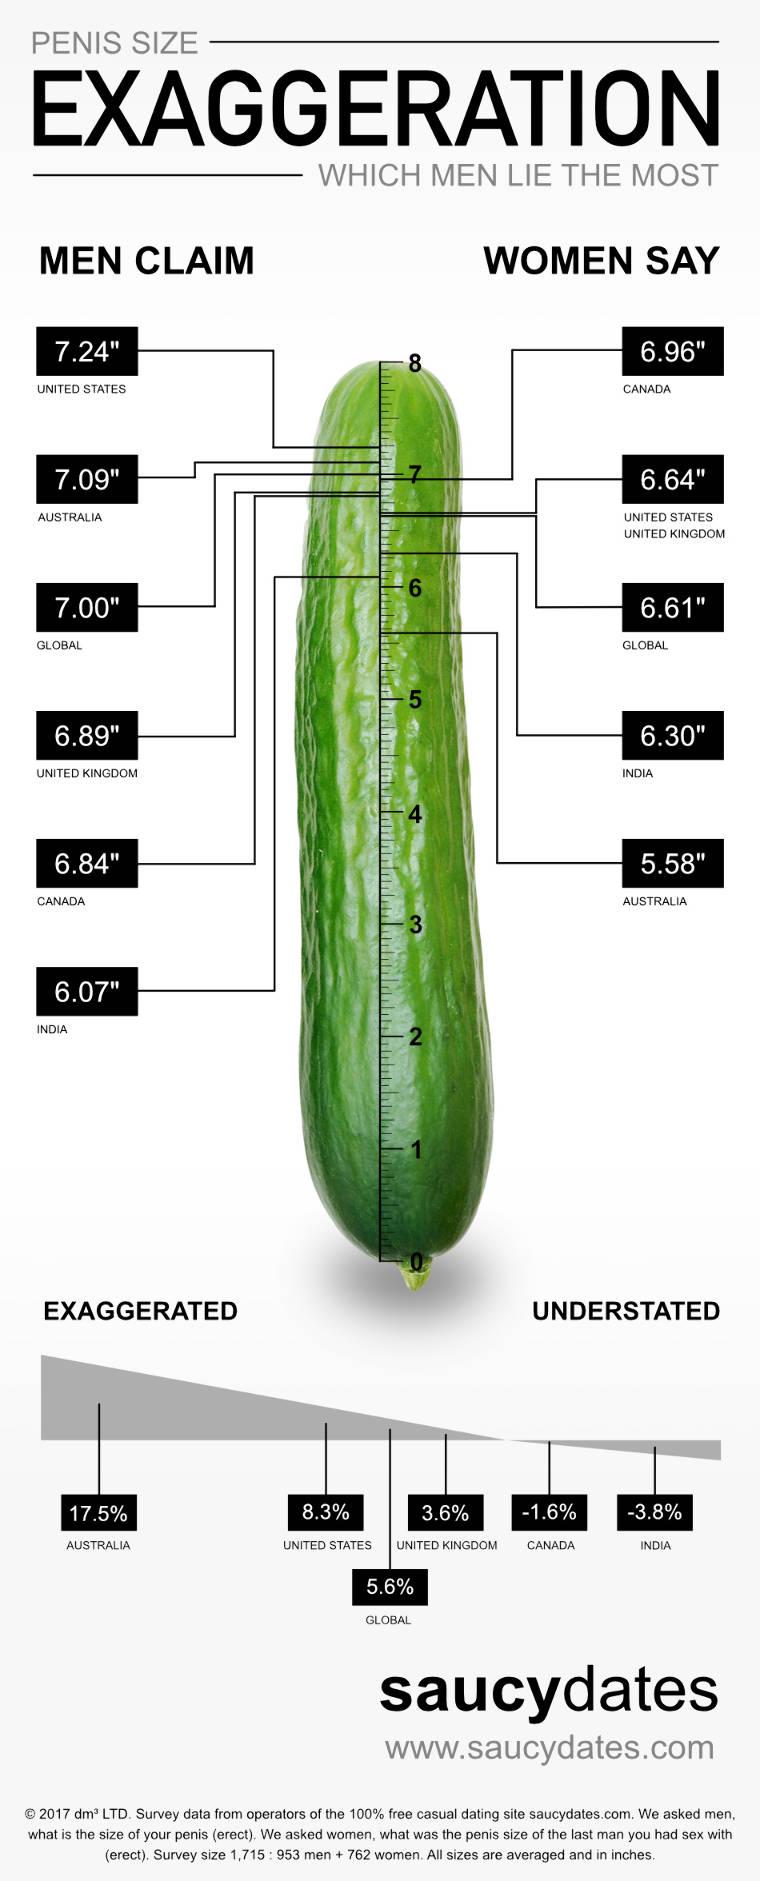 pénisz méretük jelentését